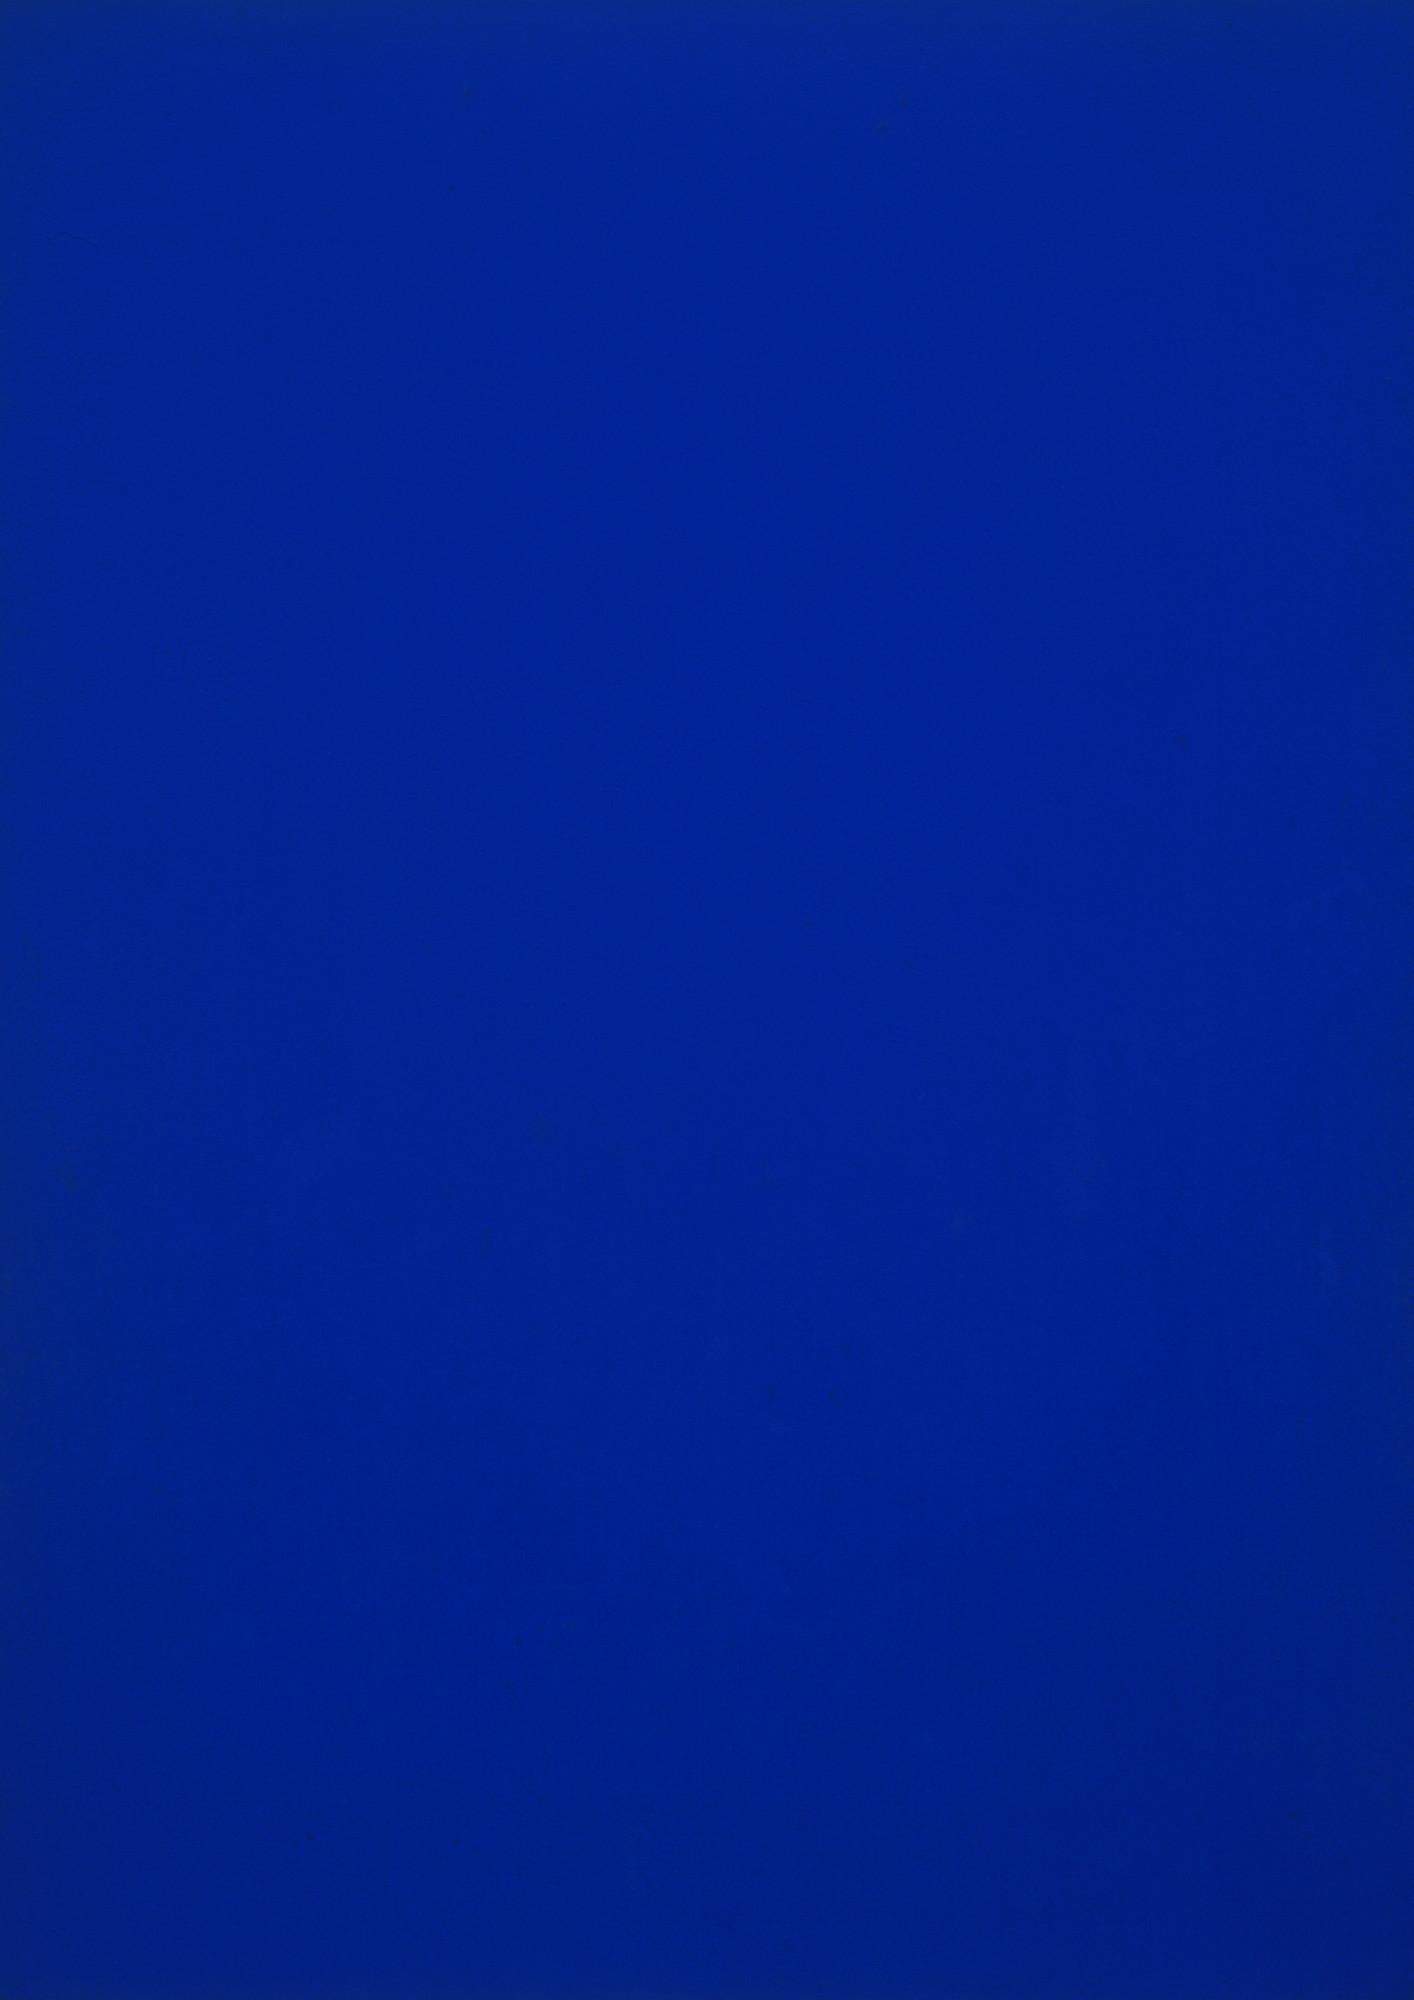 Yves Klein Blue Monochrome 1961